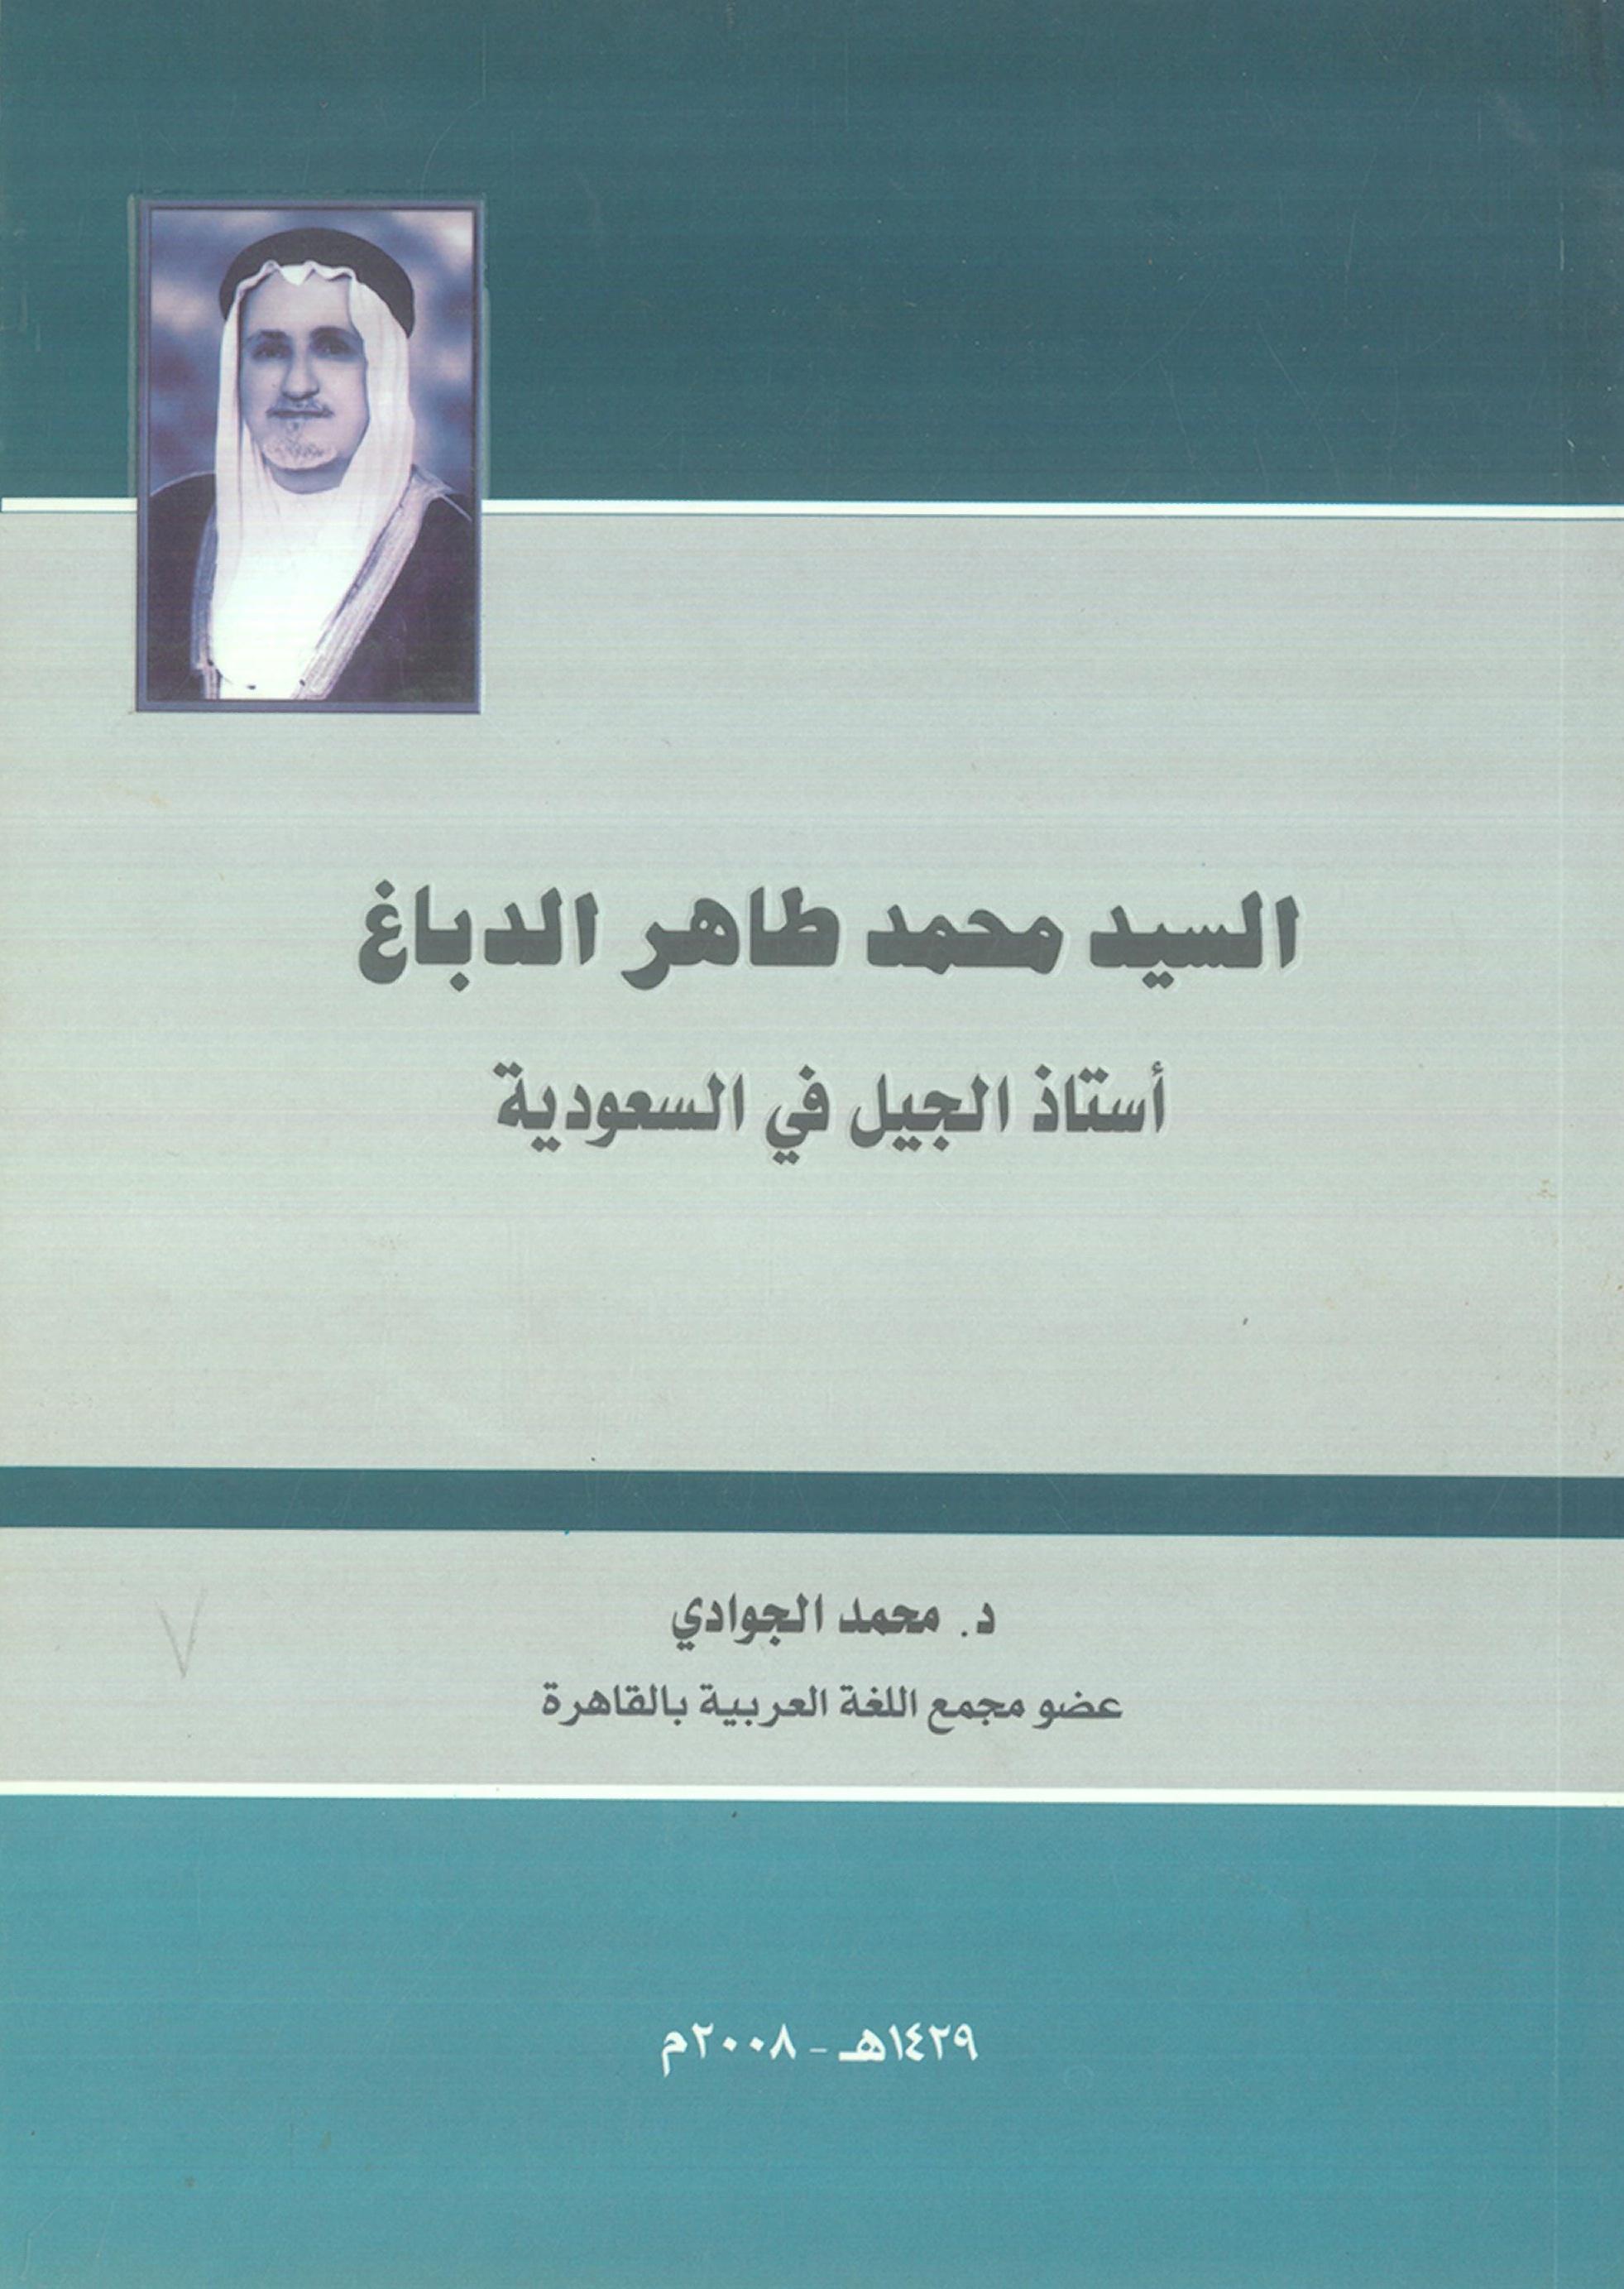 محمد طاهر الدباغ:أستاذ الجيل في السعودية